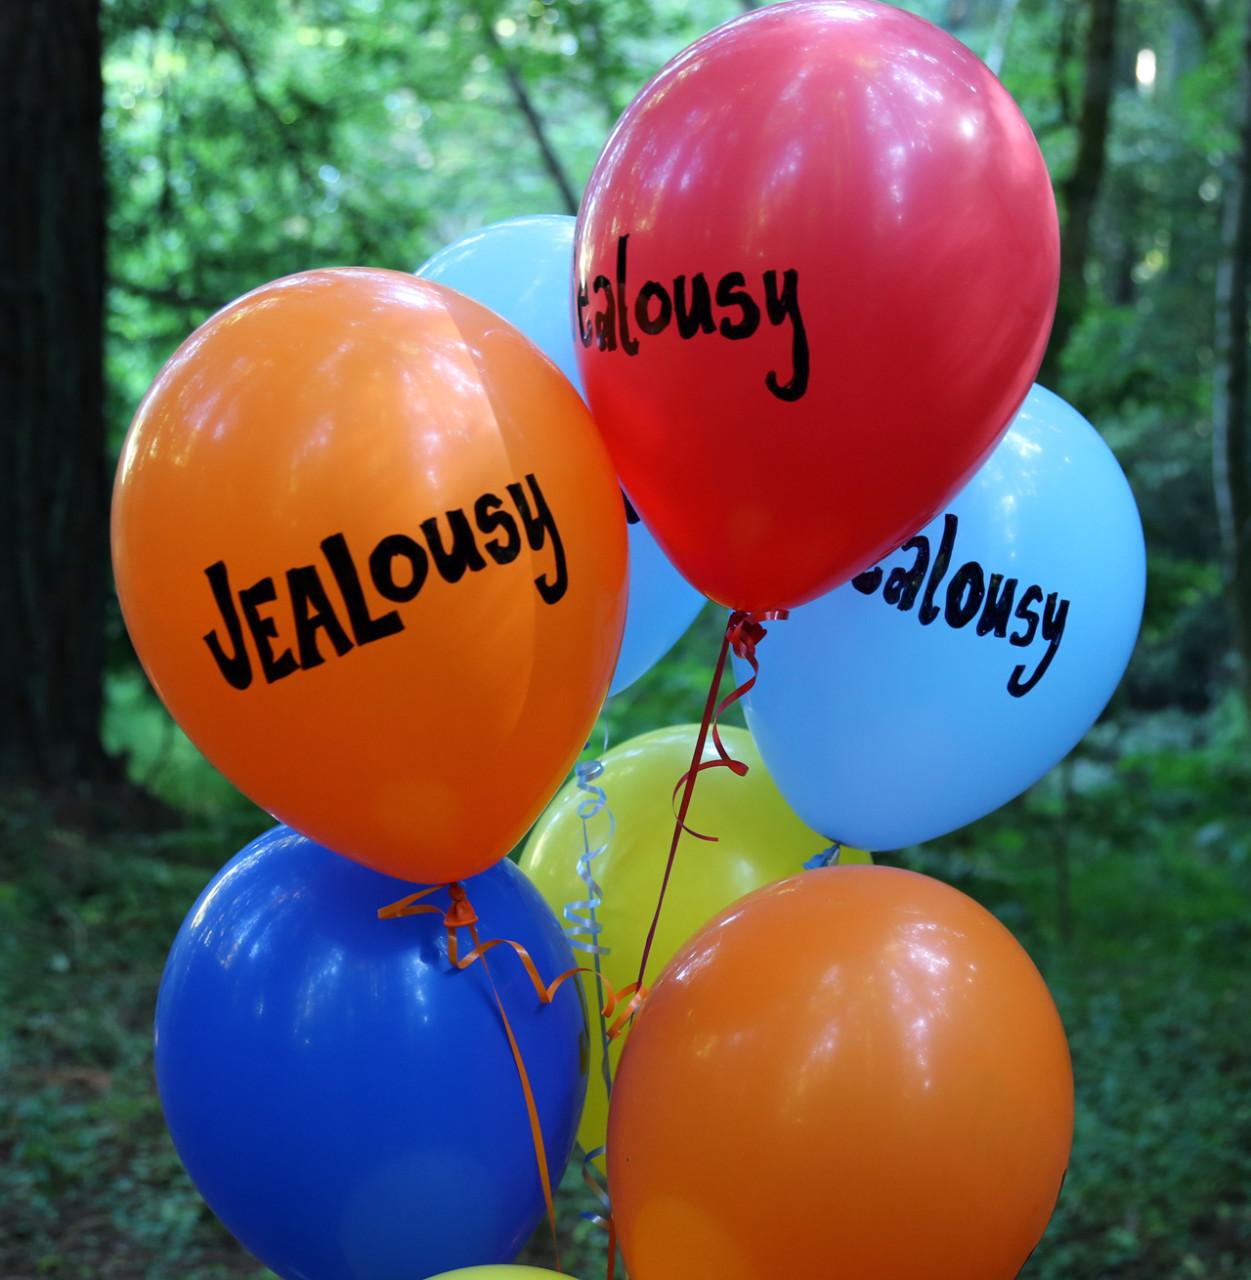 Jealous balloons.